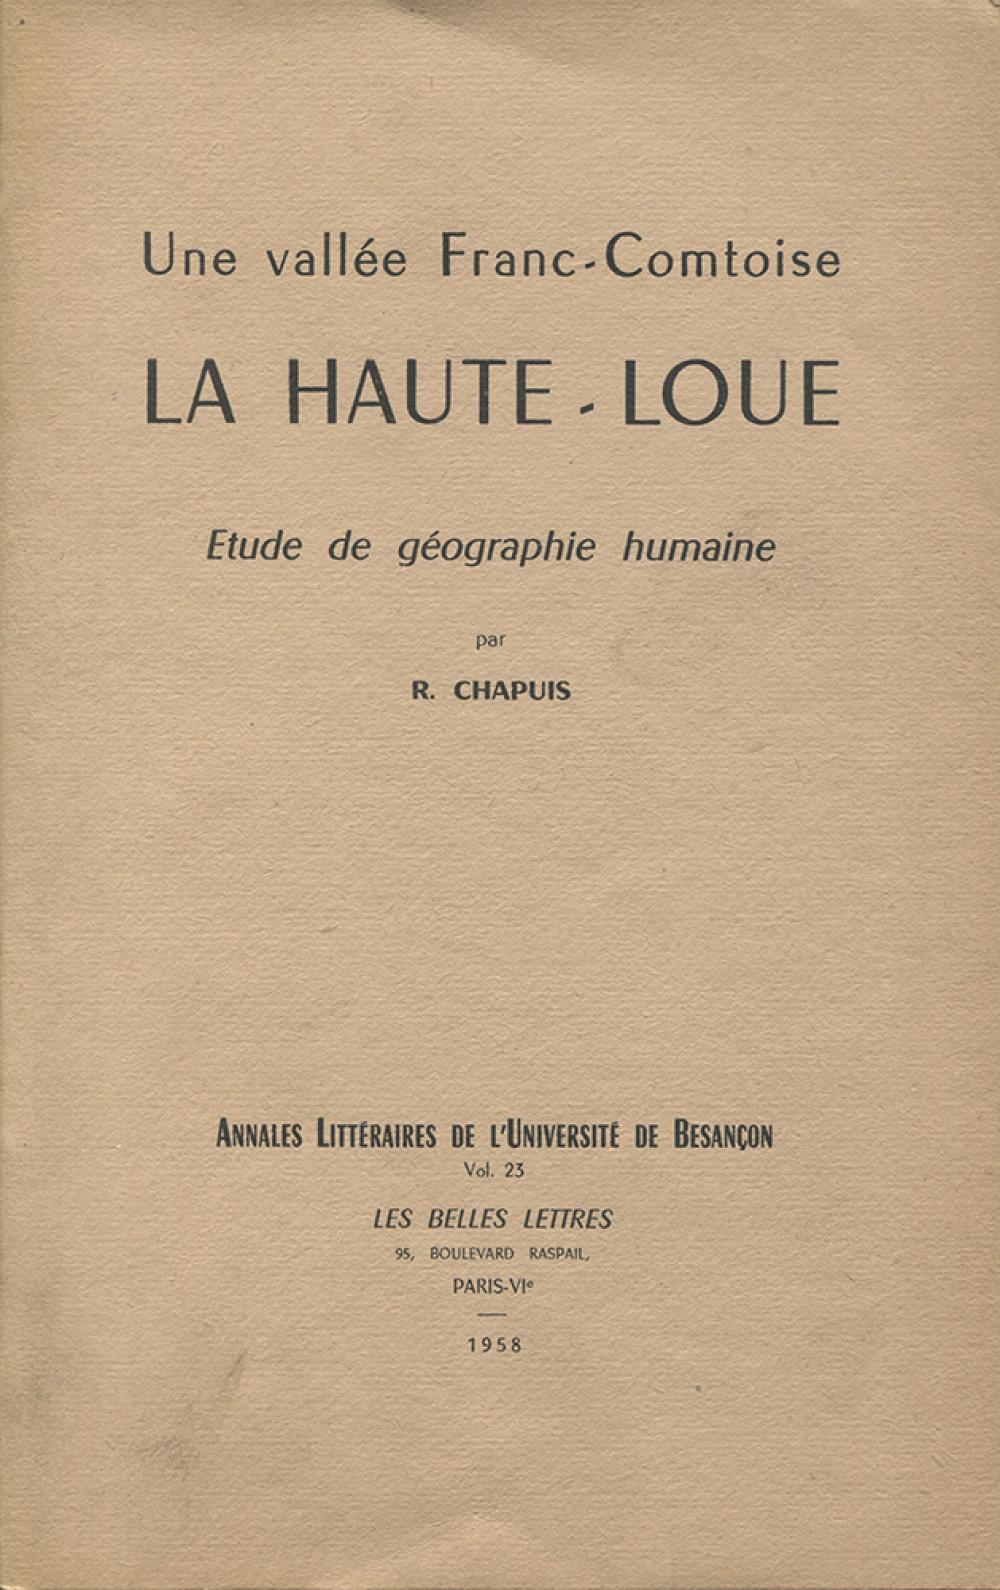 Une vallée franc-comtoise : la Haute-Loue